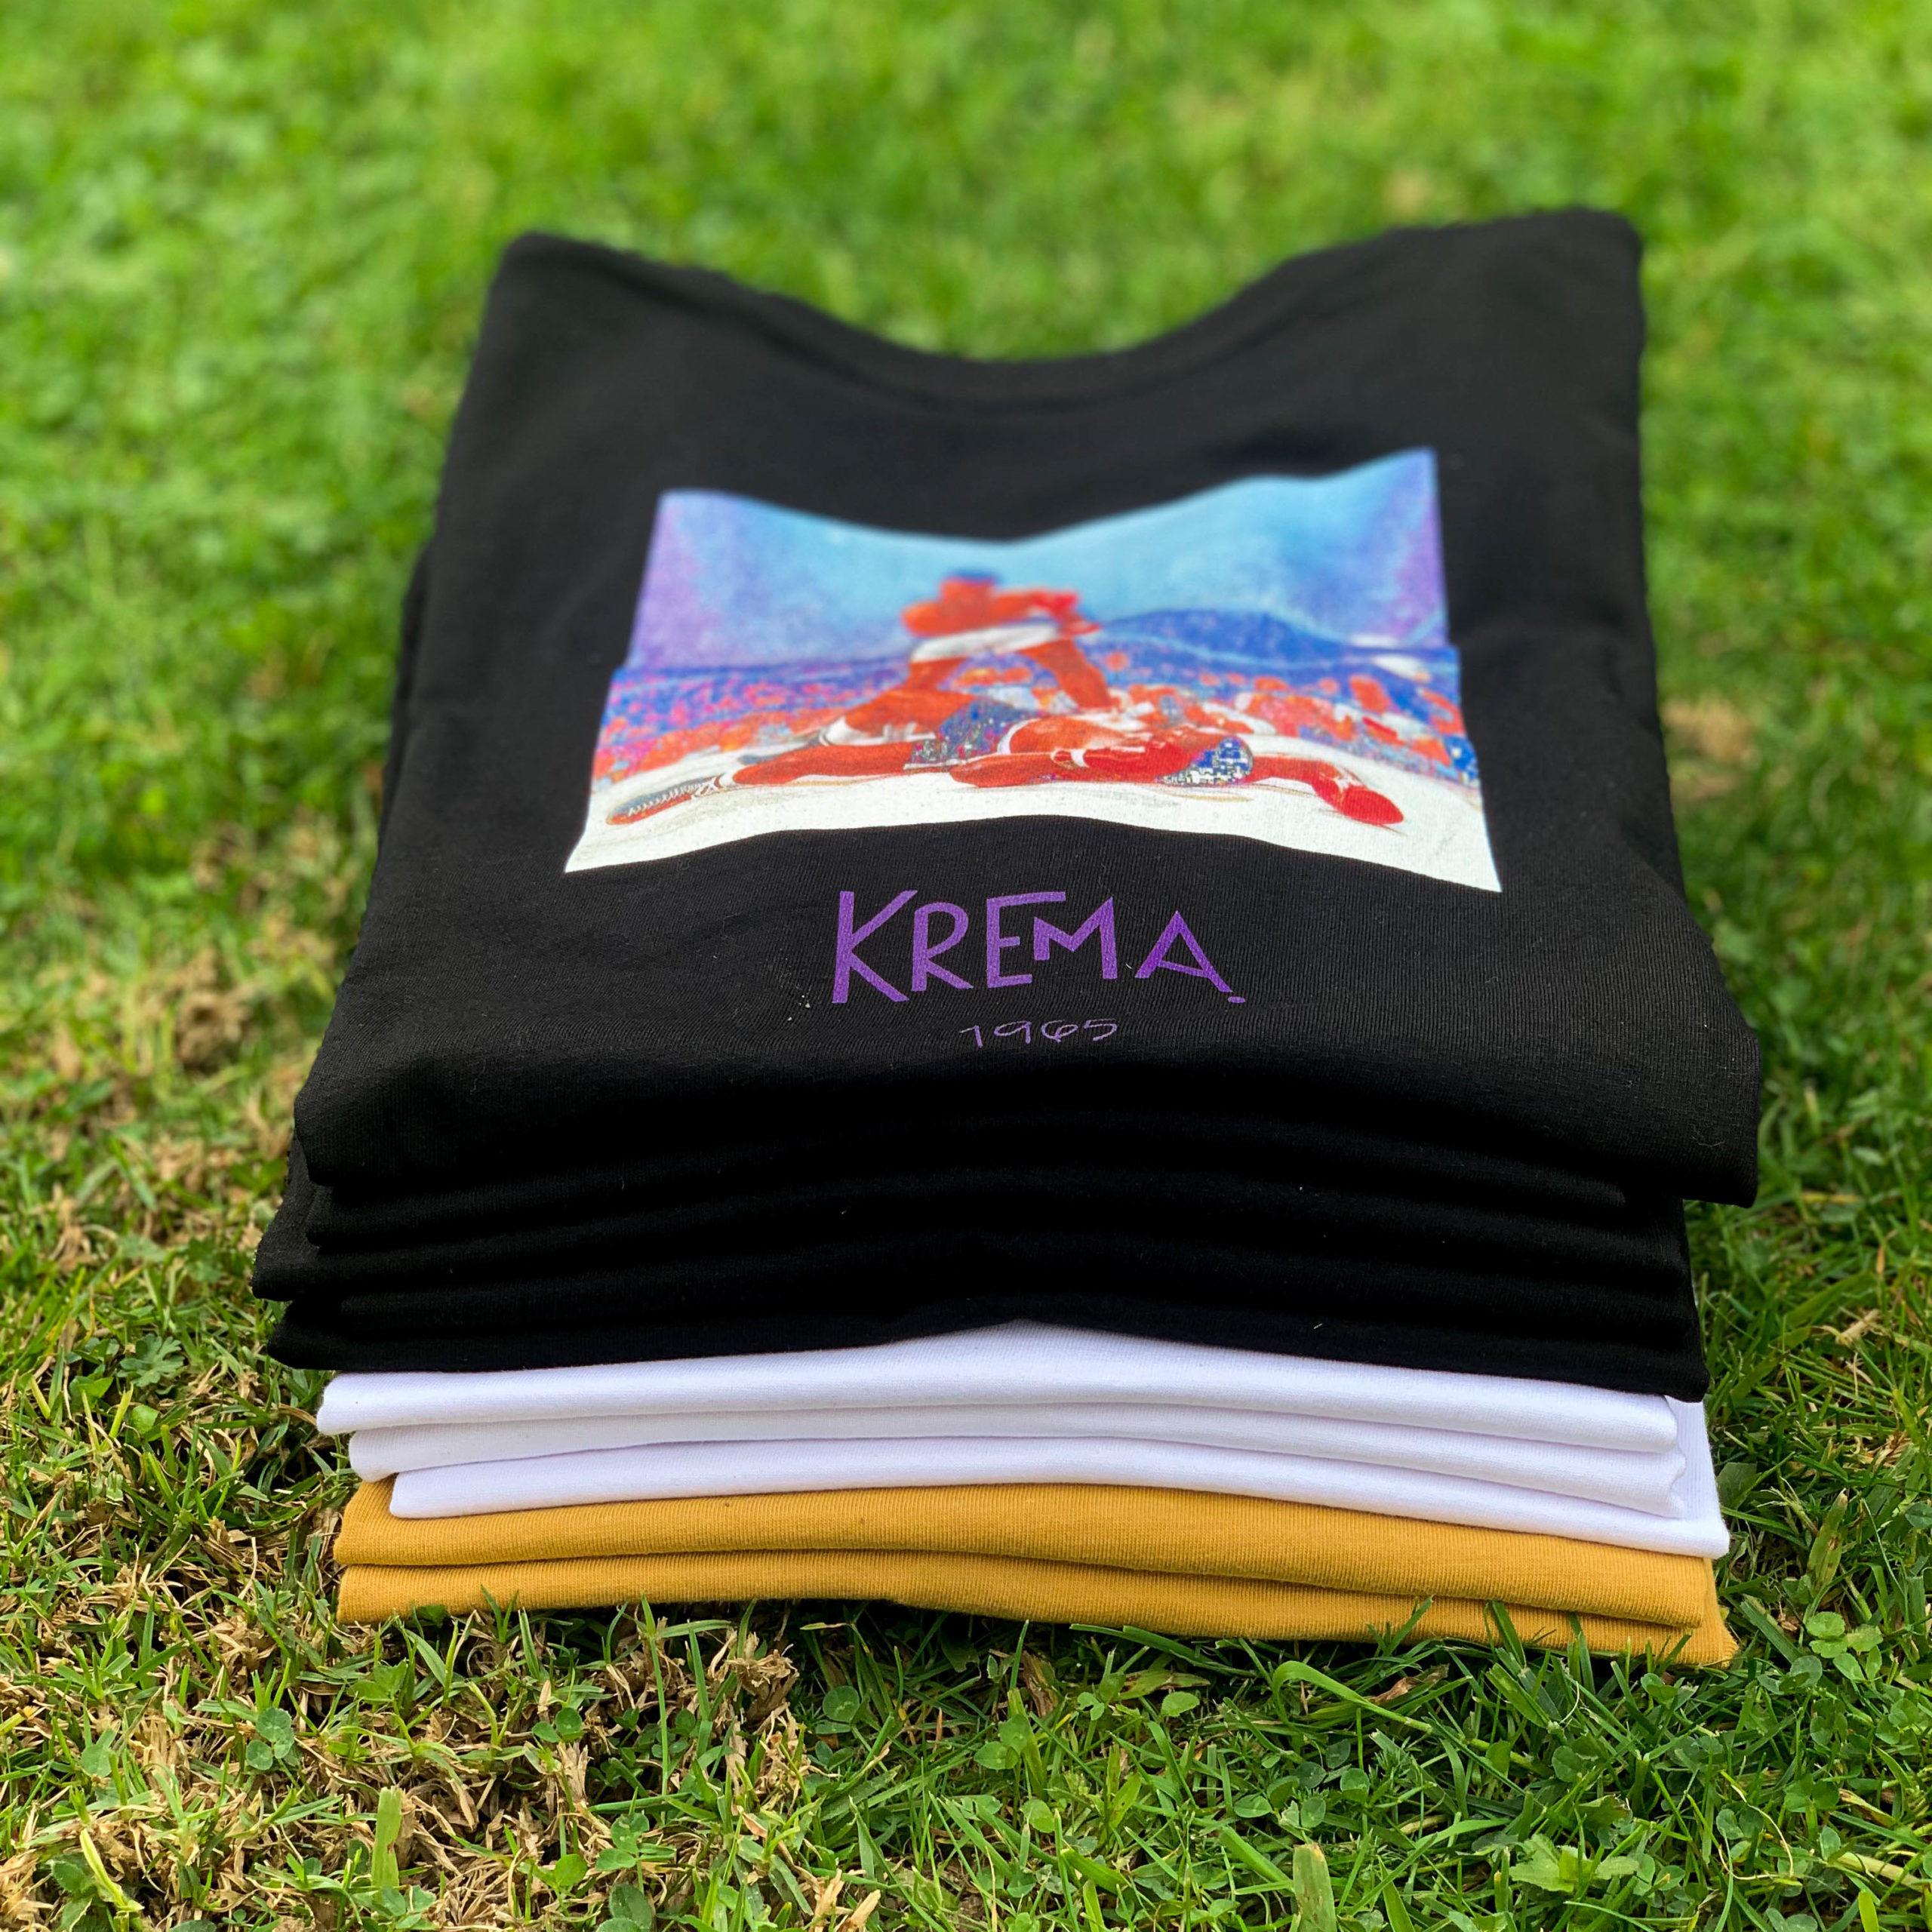 Cultura estética Krema